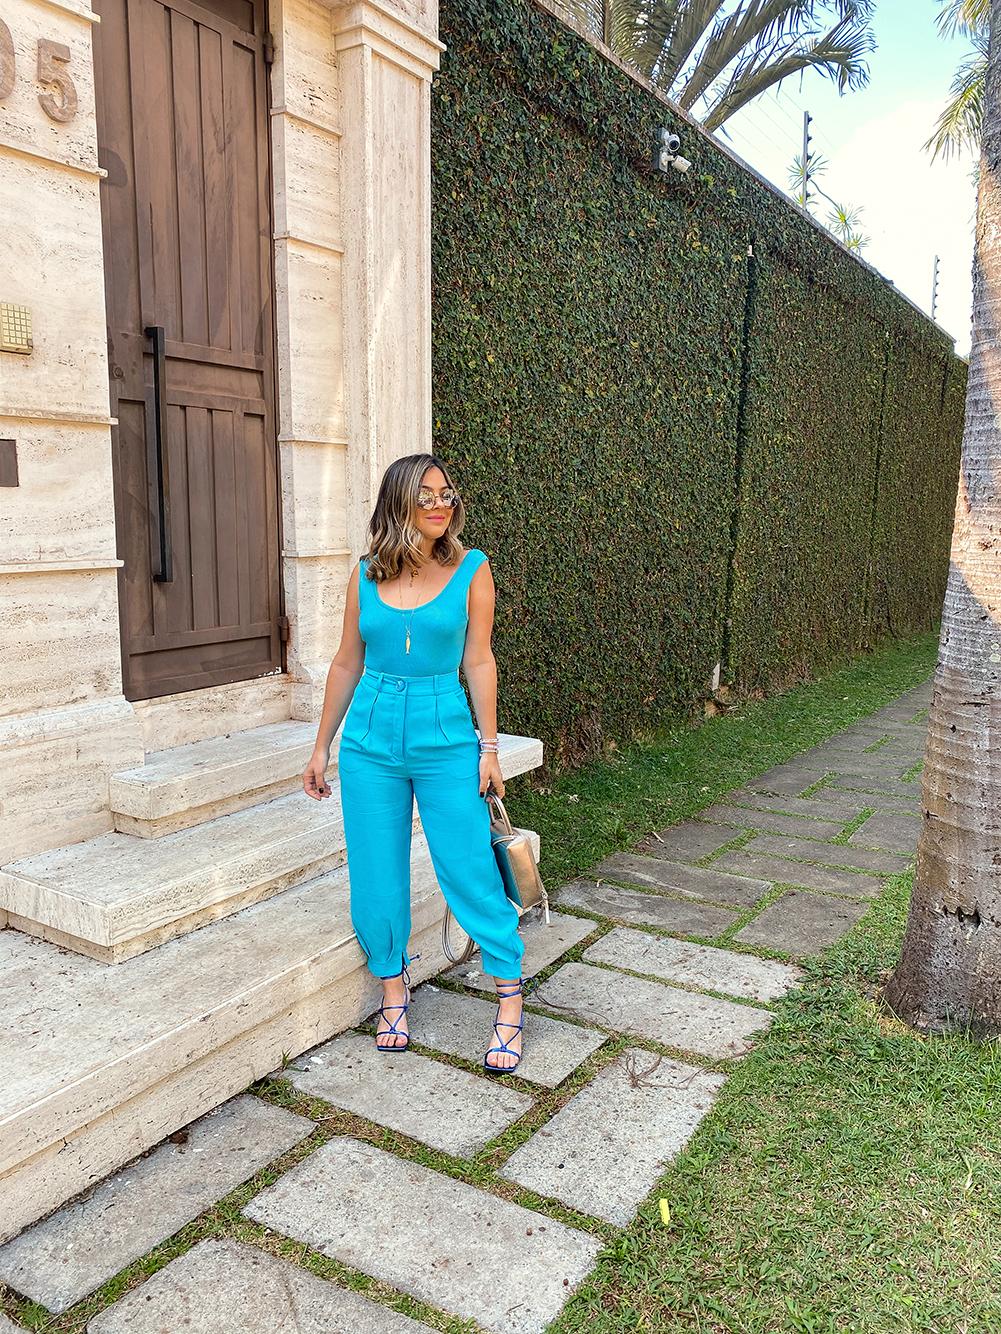 look monocromático, look azul, look todo azul, look azul céu, look azul monocromático, look azul, look calça helena, calça helena, look calça helena nv, look calça helena by nv, colar de peixe, colar peixe, Miss La Acessórios, óculos amaro, look sandália azul, look sandália azul amaro, sandália azul amaro, NV, by NV, par par bags, bolsa par par bags, look body azul NV, body azul, body NV, look body tricot, look bolsa metalizada, bolsa metalizada, look body tricot maya, look tricot maya